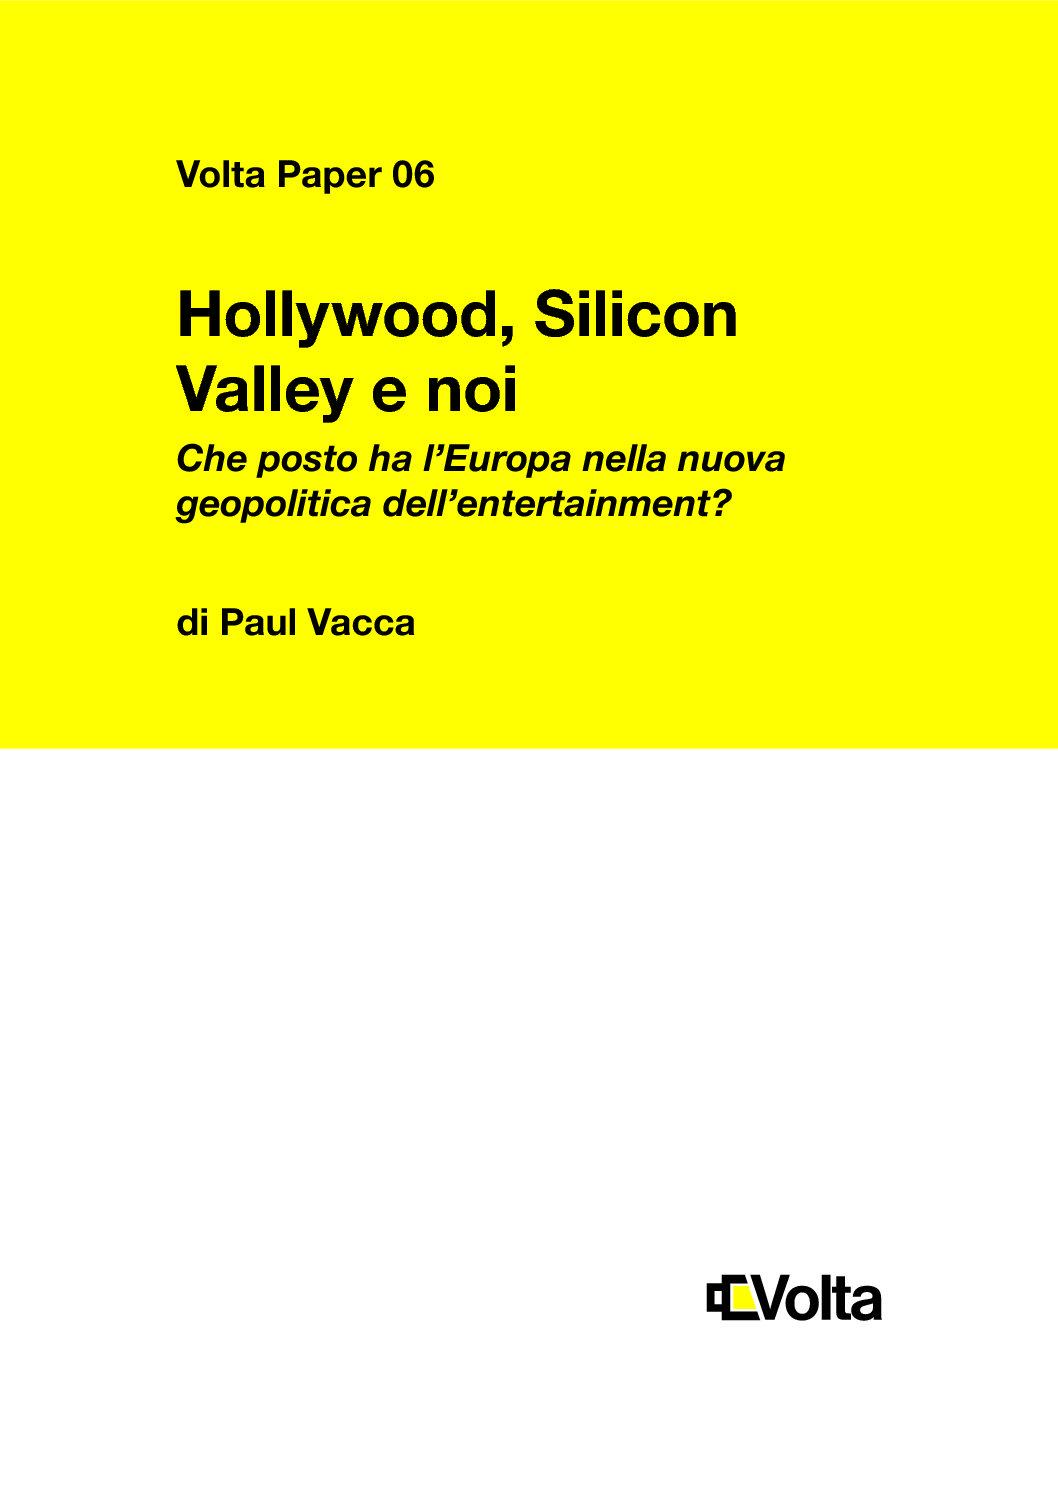 Hollywood, Silicon Valley e noi